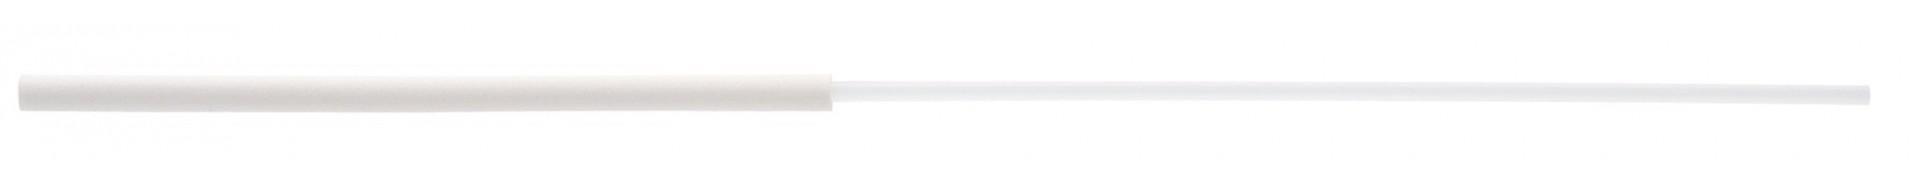 Recharges gomme mono zero pointe ronde x 2 erkur | magasin sennelier paris depuis 1887